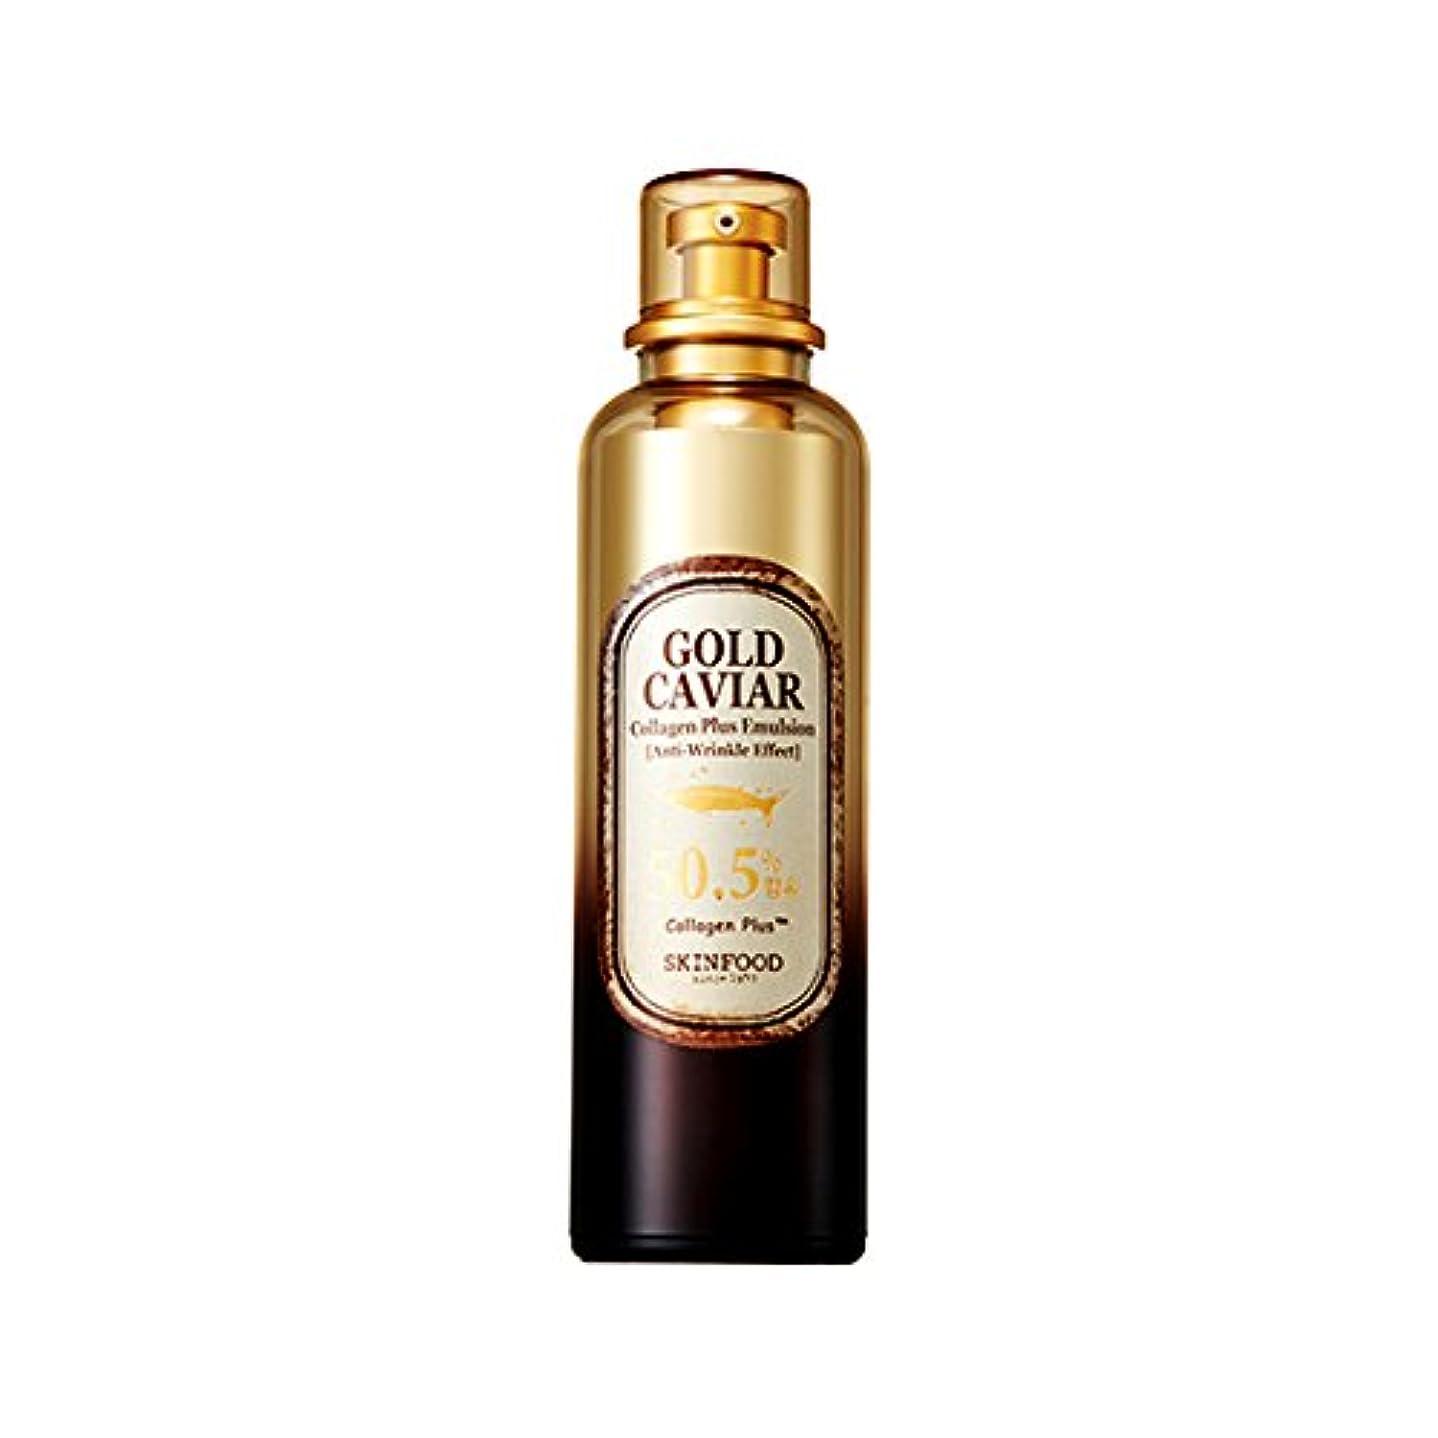 告発写真撮影貴重なSkinfood ゴールドキャビアコラーゲンプラスエマルジョン/Gold Caviar Collagen Plus Emulsion 120ml [並行輸入品]